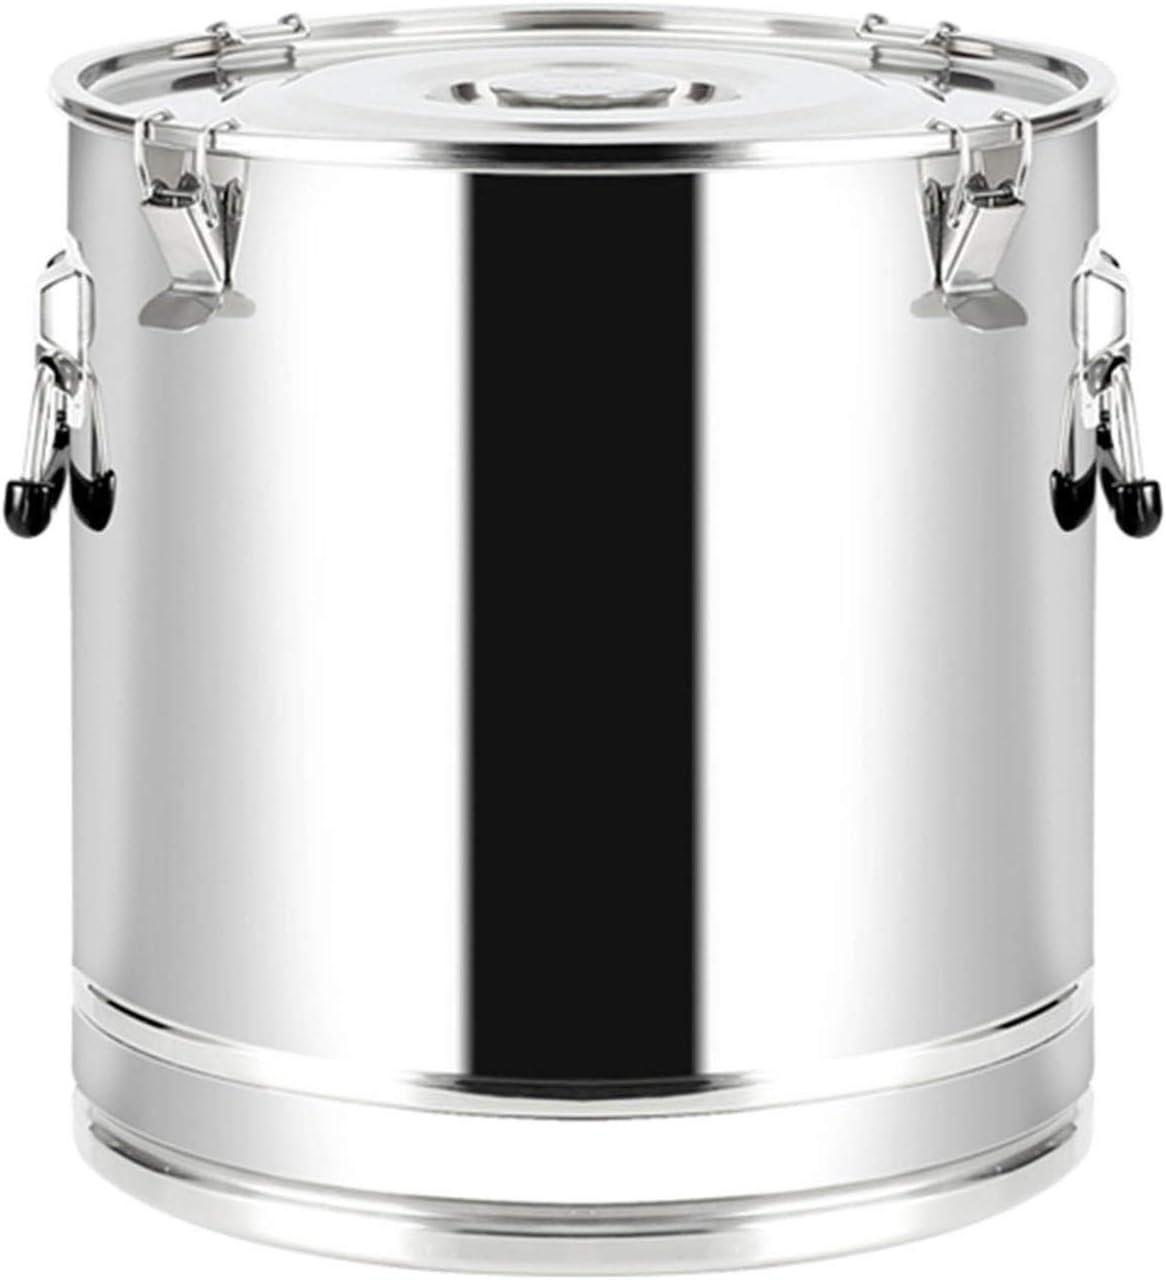 Gran cubo de ollas de bolsa con tapa de acero inoxidable Almacenamiento de cocina Buñuelos de aceite para la harina y el transporte de azúcar Barril de barril engrosado de la tapa del cilindro de la t